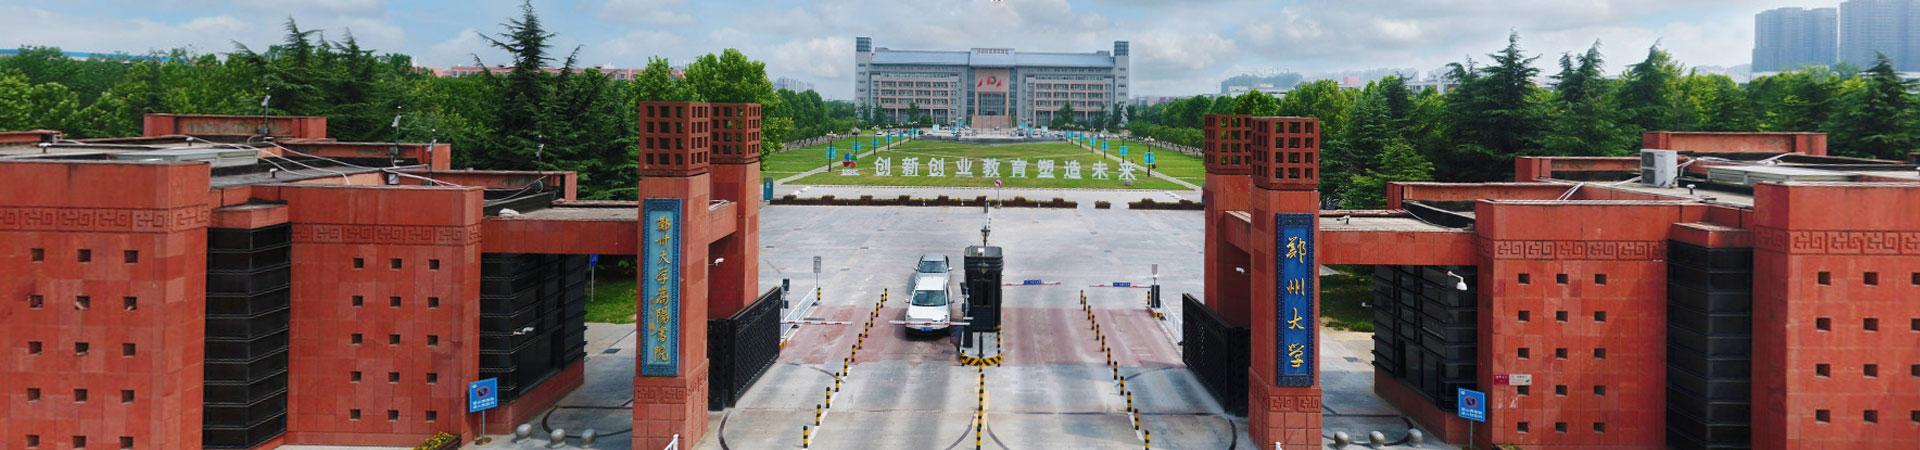 郑州大学干部培训